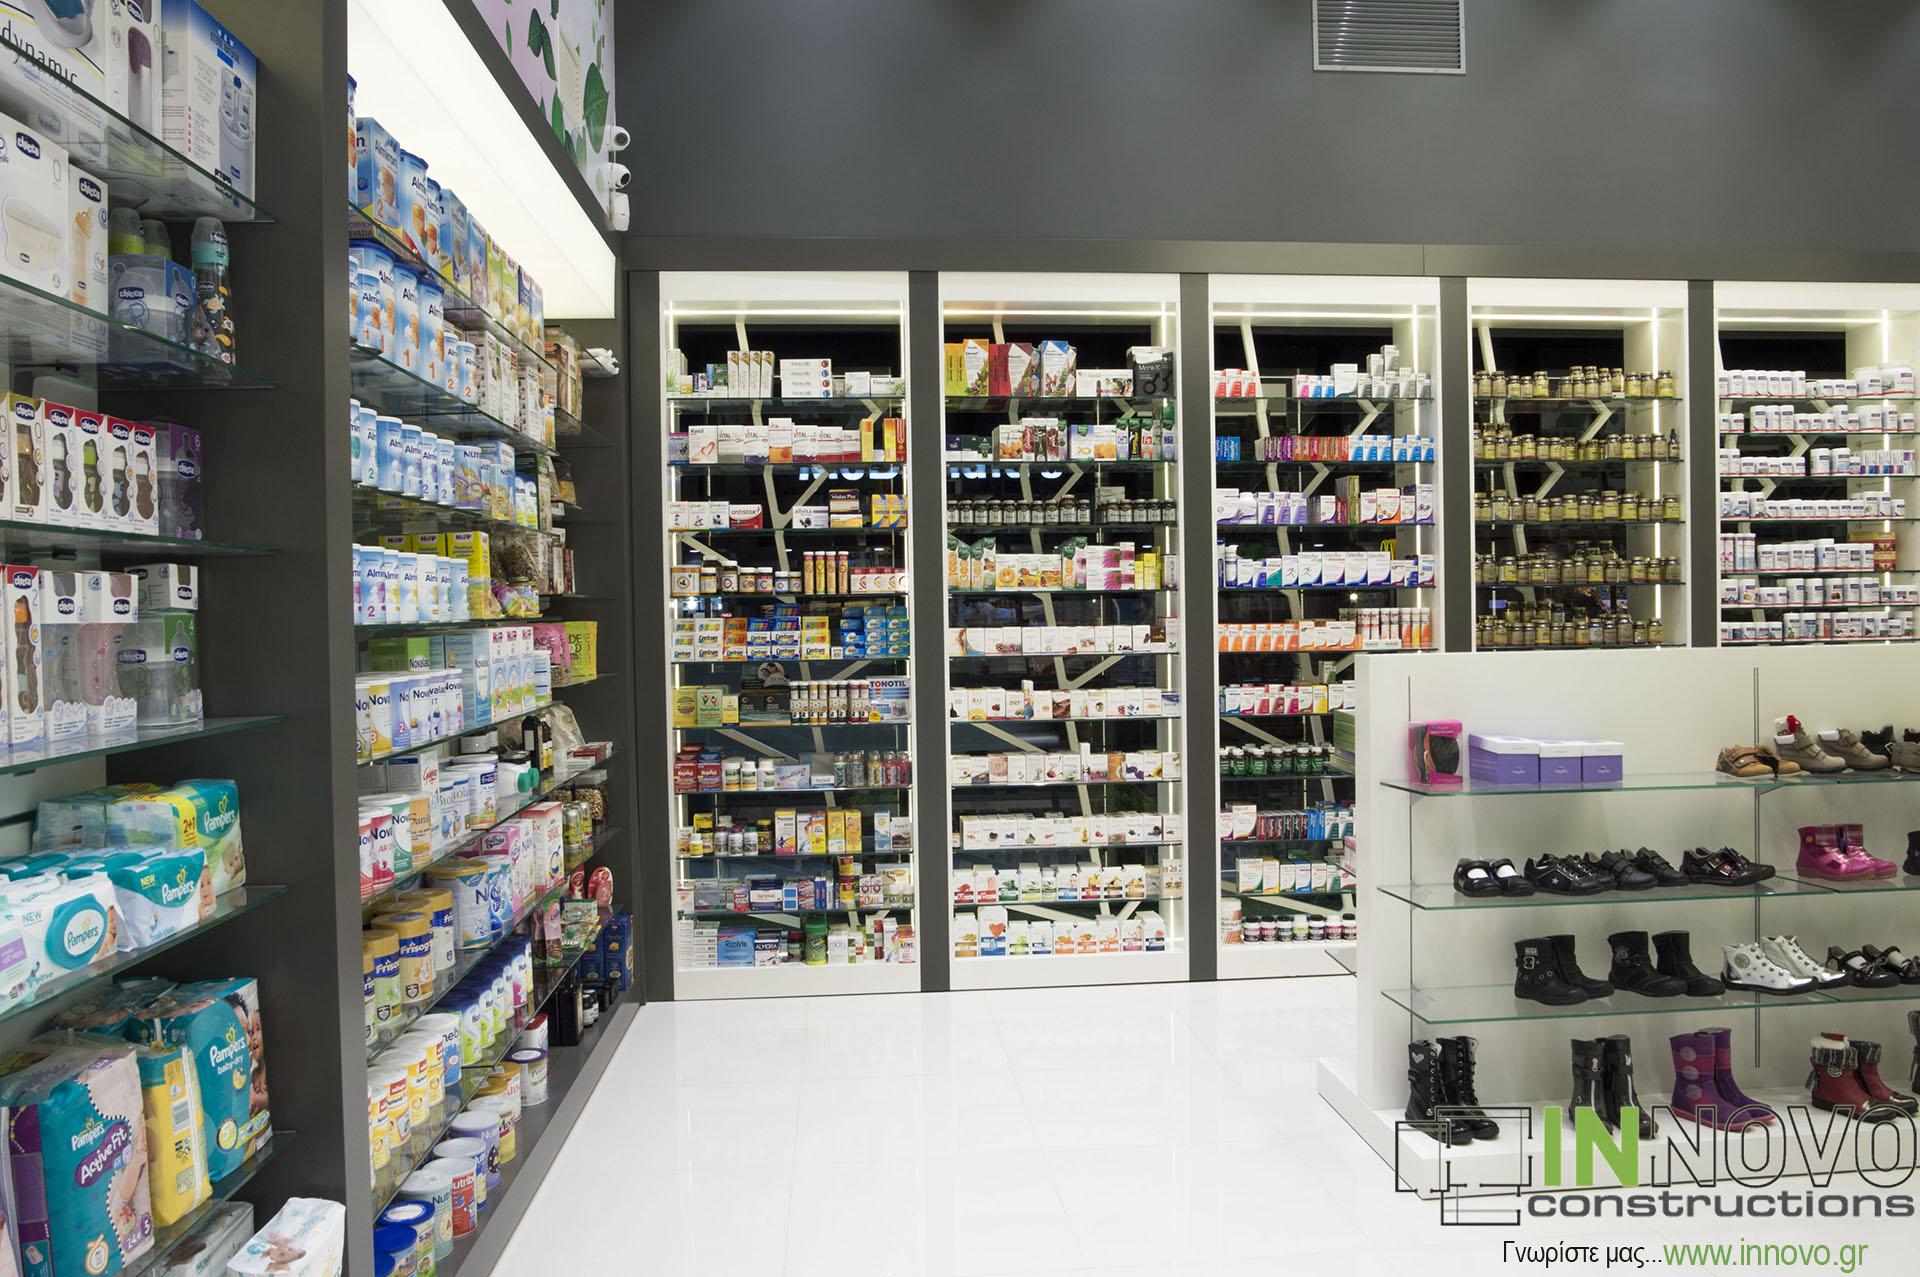 Ανακαινισμένο εσωτερικό φαρμακείου Βάρη